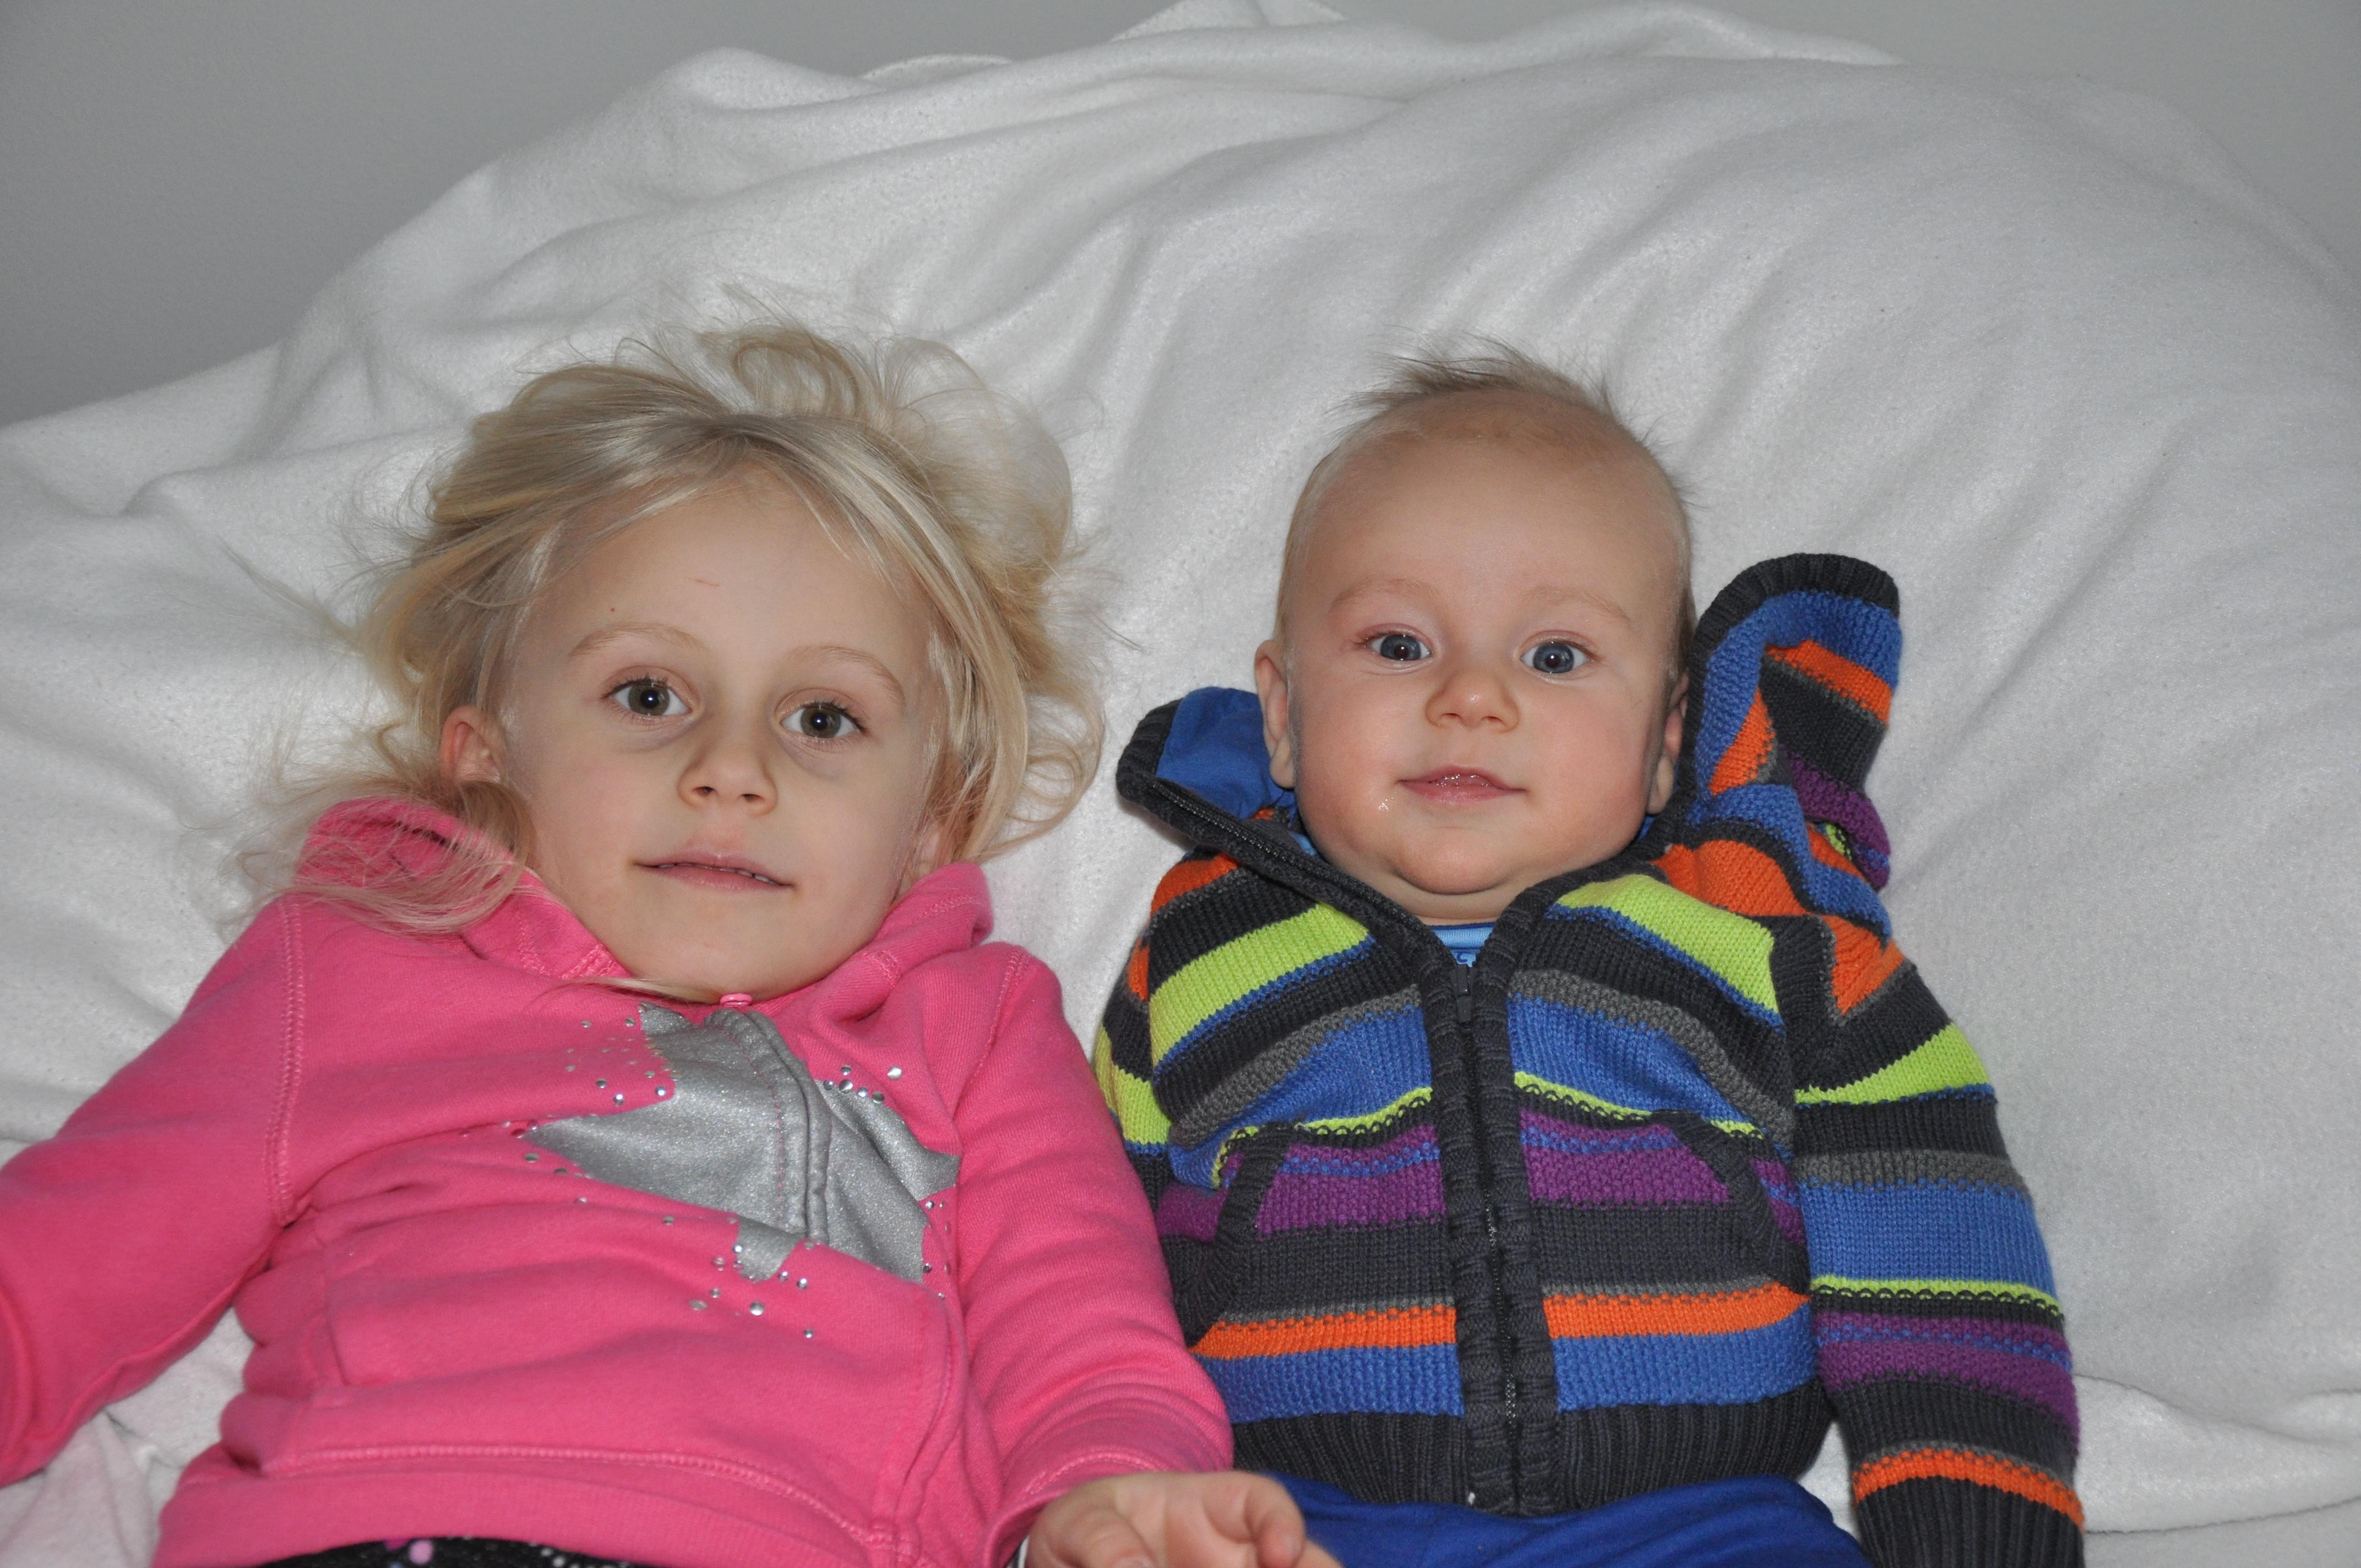 Sibling love of the week.